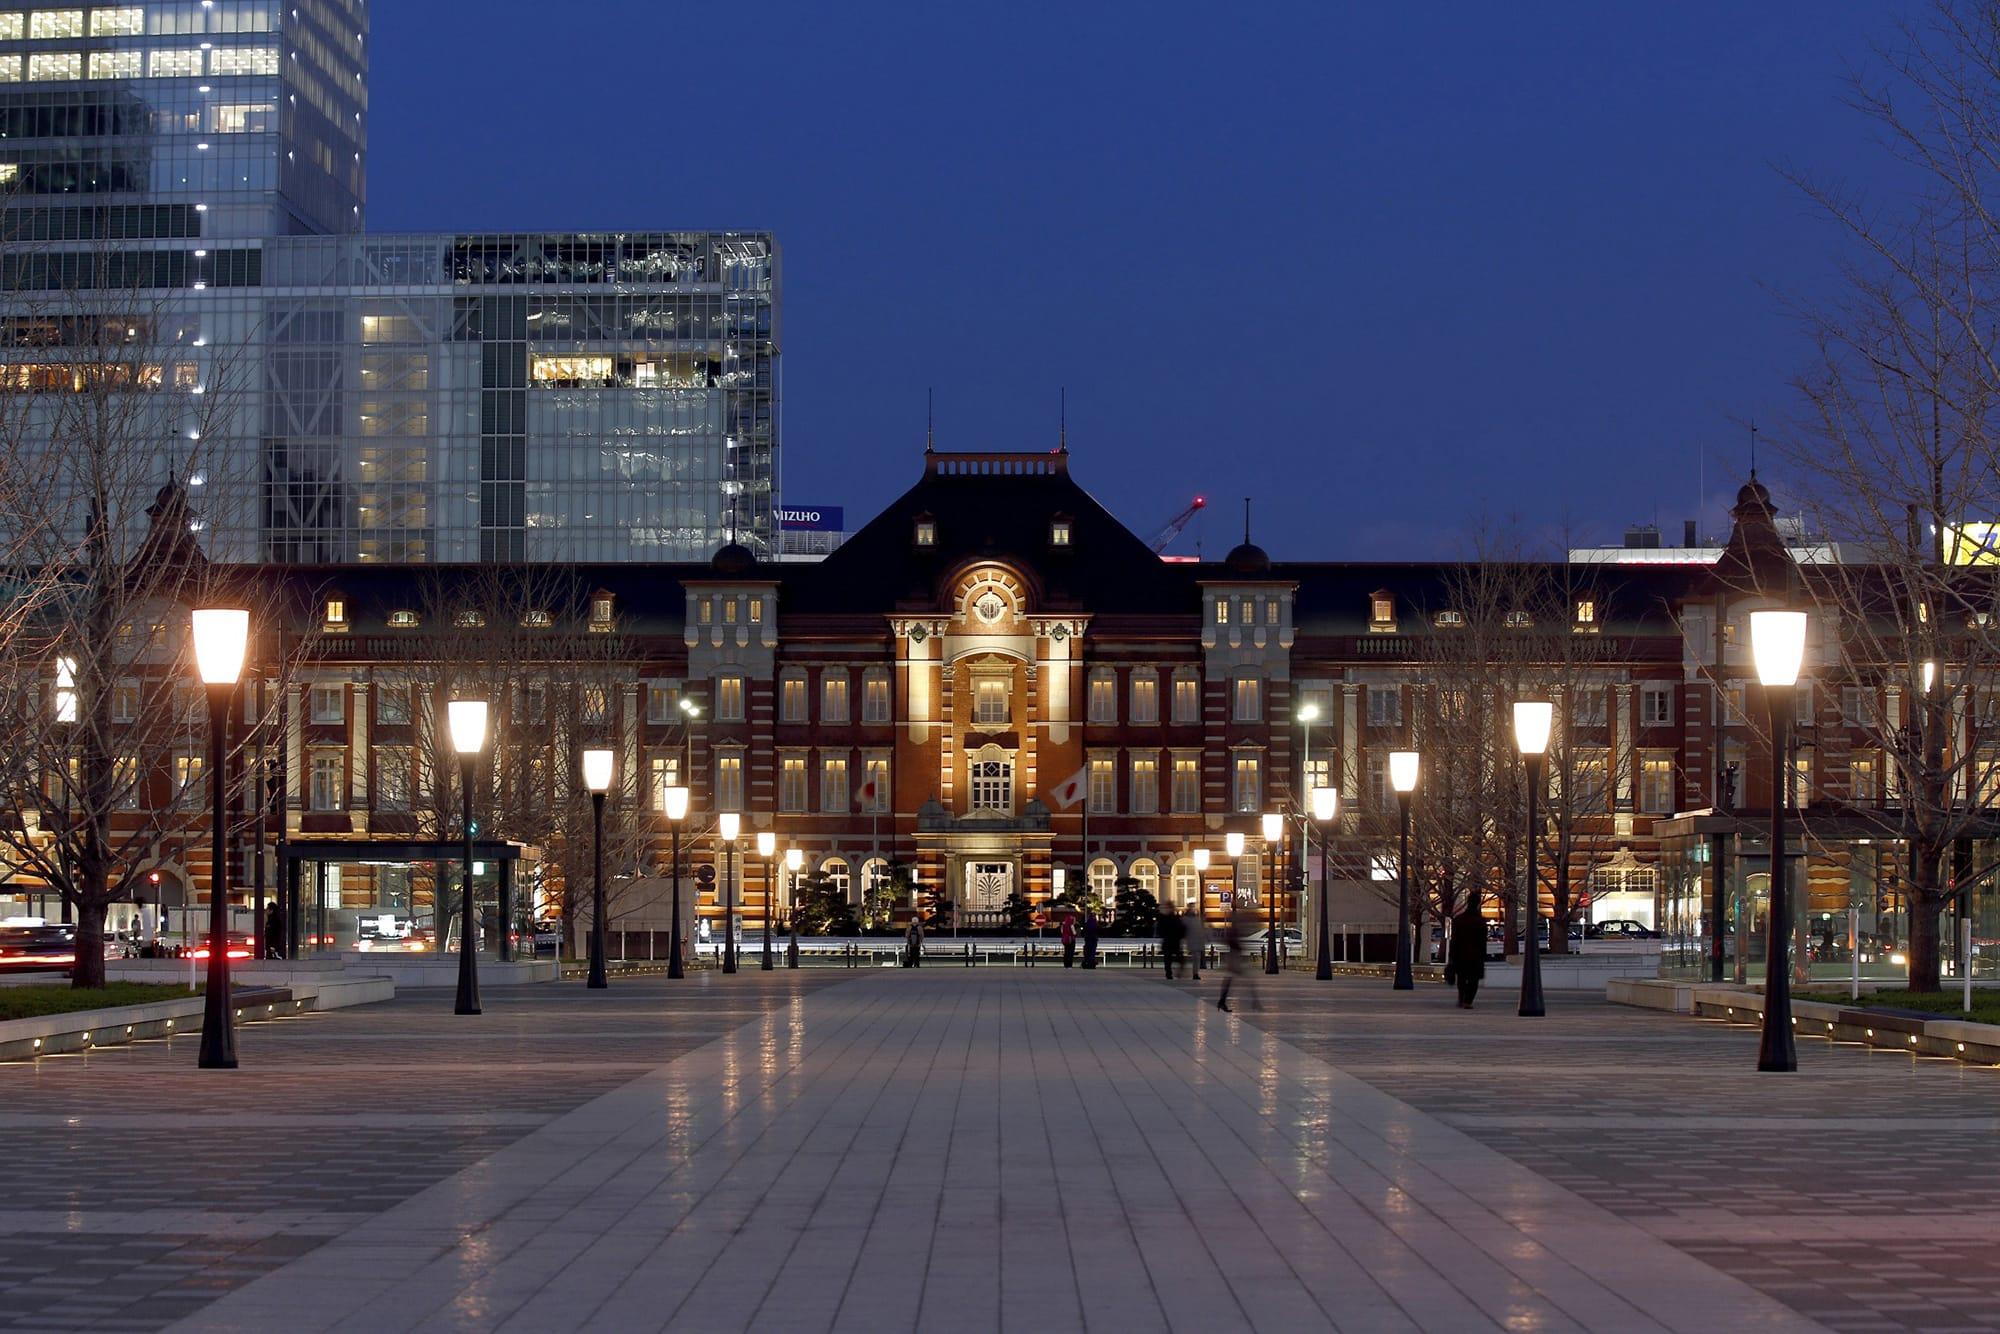 東京のシンボルのひとつである東京ステーションホテル。赤レンガの駅舎や多くの文豪たちに愛された客室は国の重要文化財に指定されている。